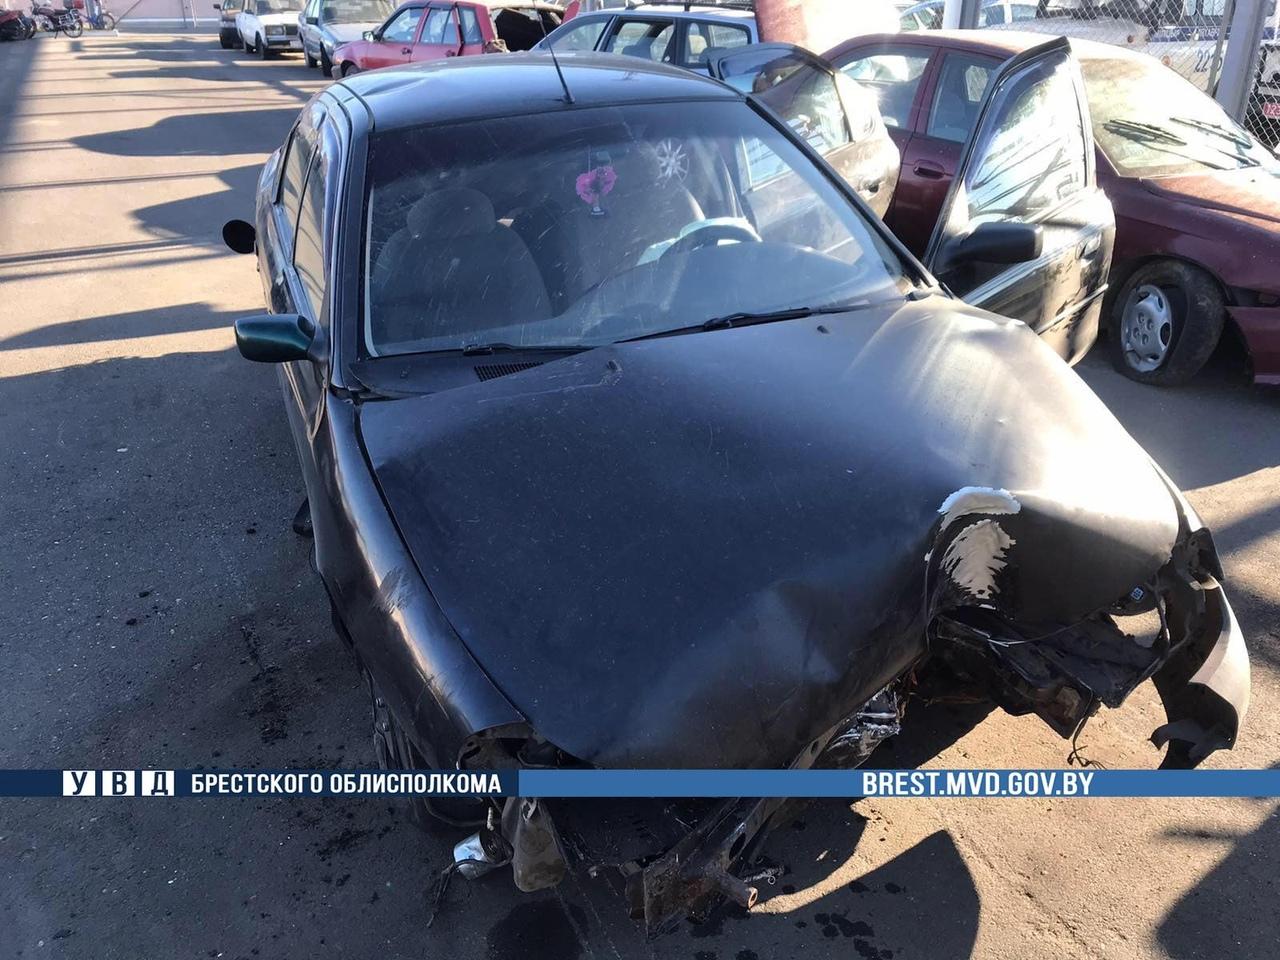 В Ляховичах инспекторы ГАИ задержали пьяного водителя, который совершил ДТП и скрылся